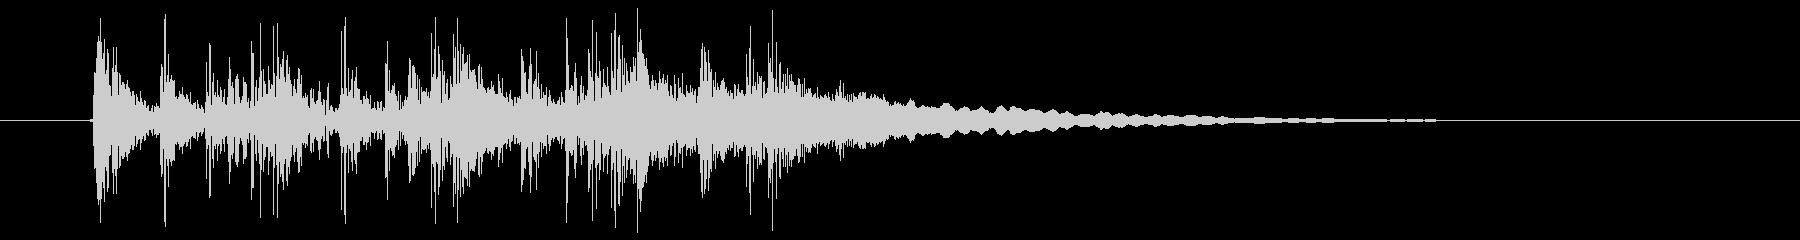 アップテンポで幻想的な音楽の未再生の波形